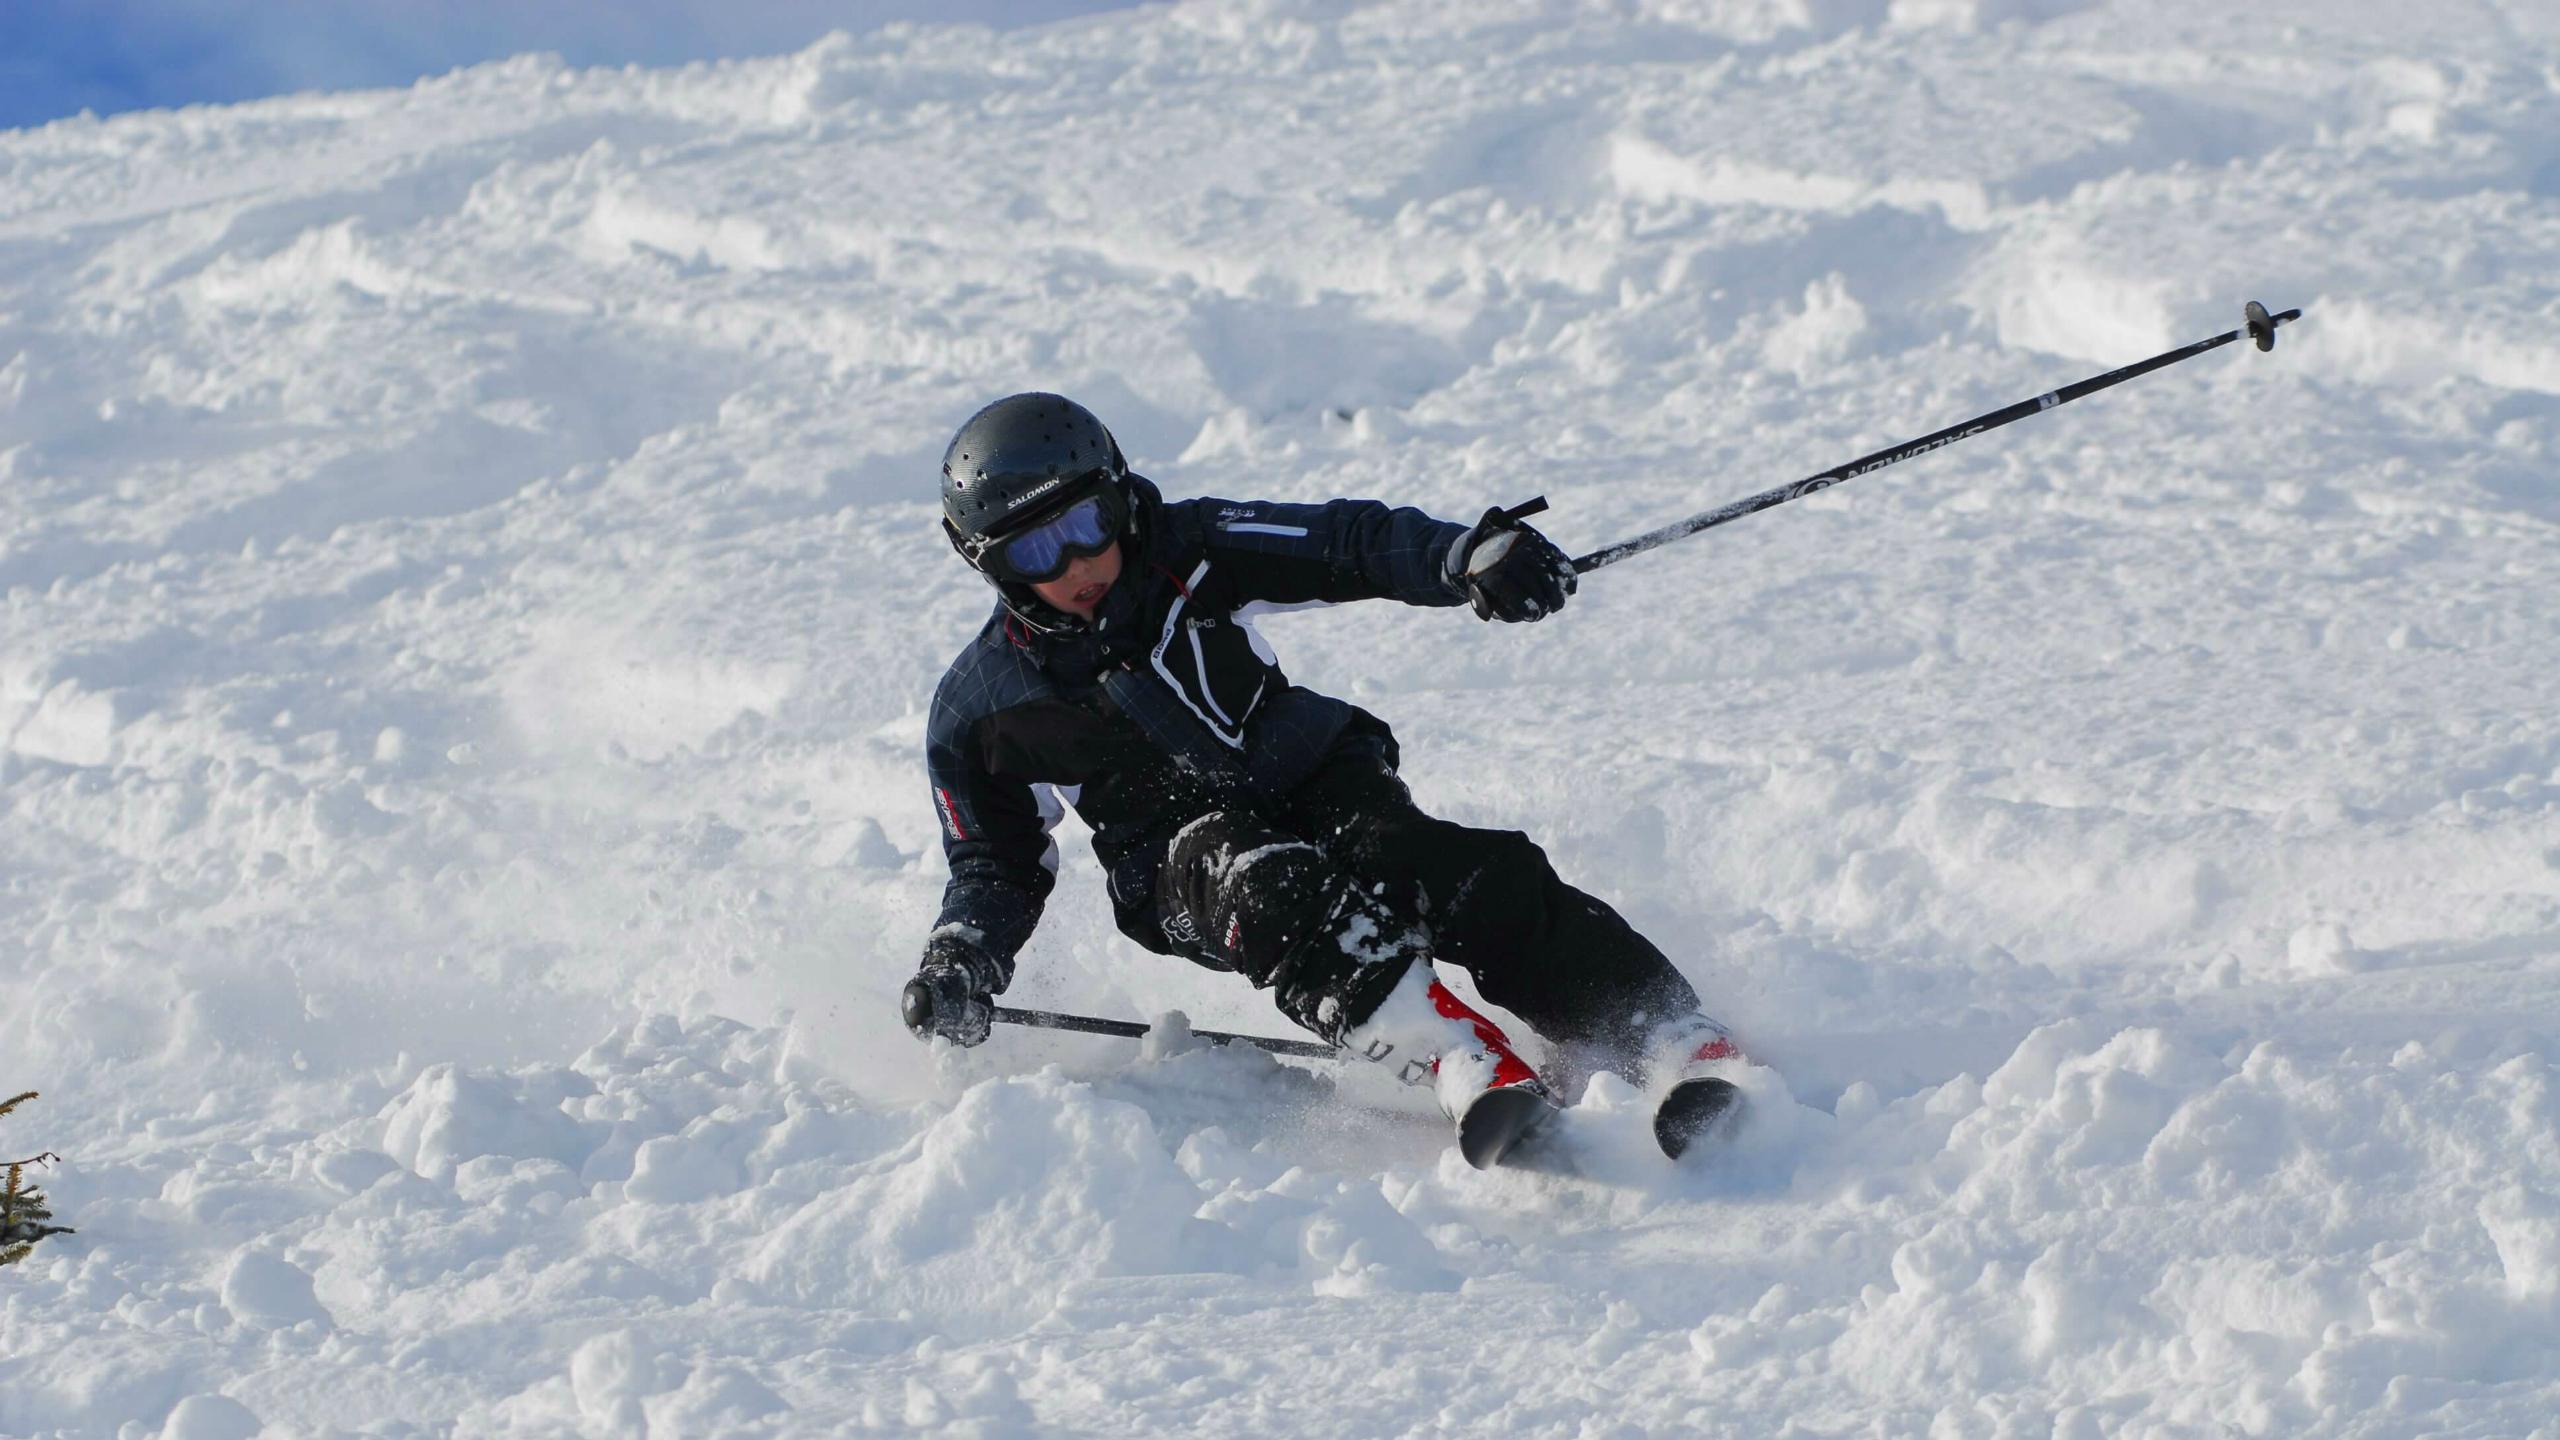 Ski Instructor Private for Kids in Nauders